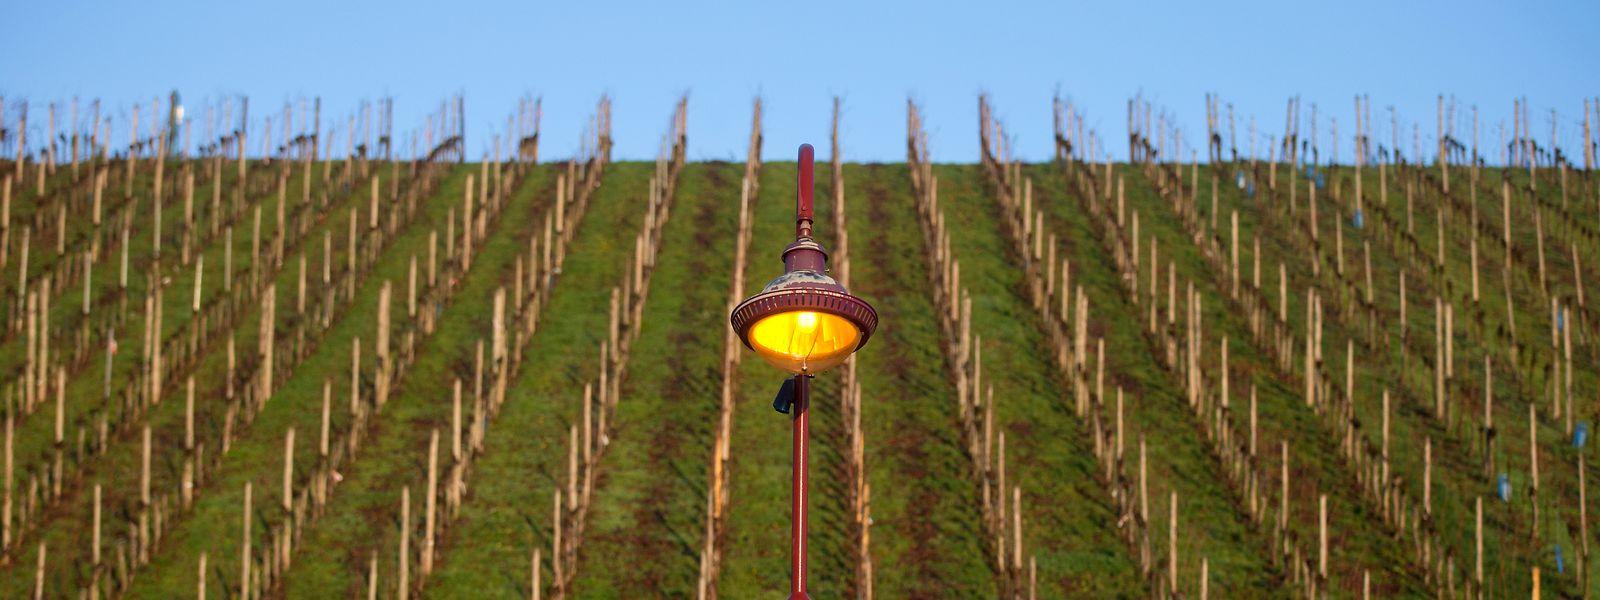 Trois cépages ont été plus sensibles au froid dans les vignes du Luxembourg : gewurztraminer, chardonnay et muscat mais sur de petites surfaces.